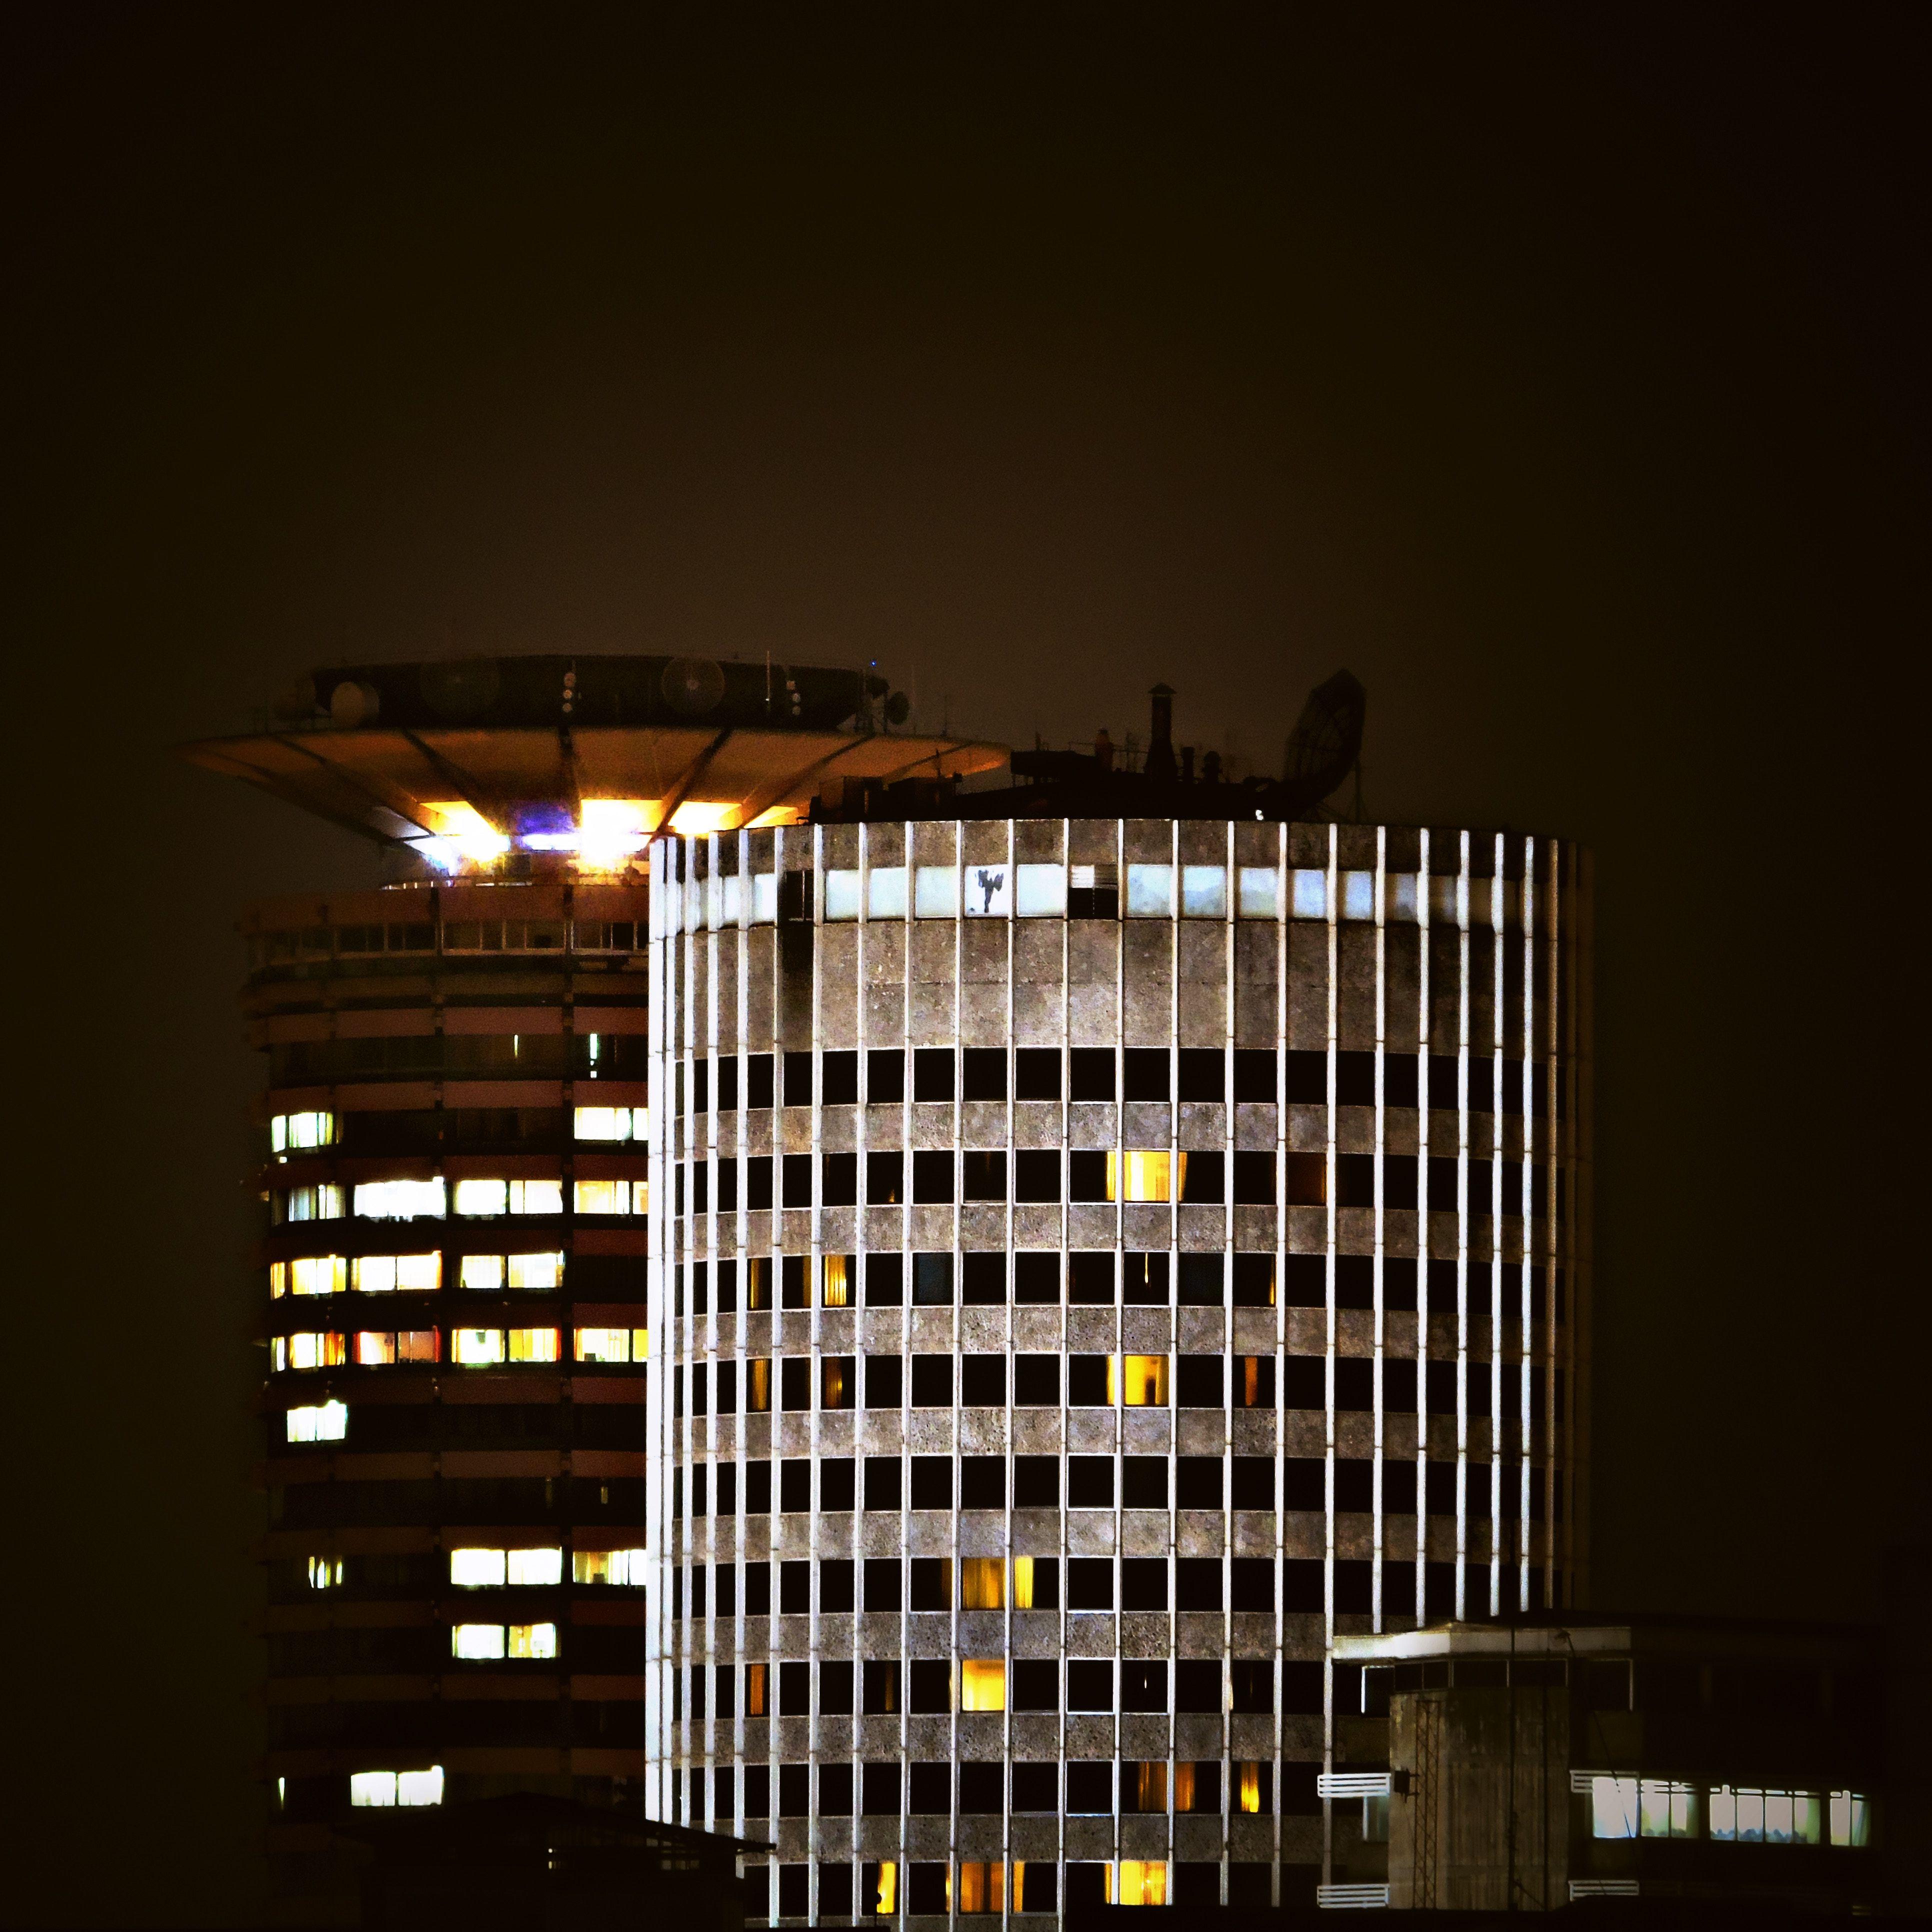 South Africa's New Banking Wave + Huawei Or The Highway? + Kenyan Repat Diaries feat. Mark Karake